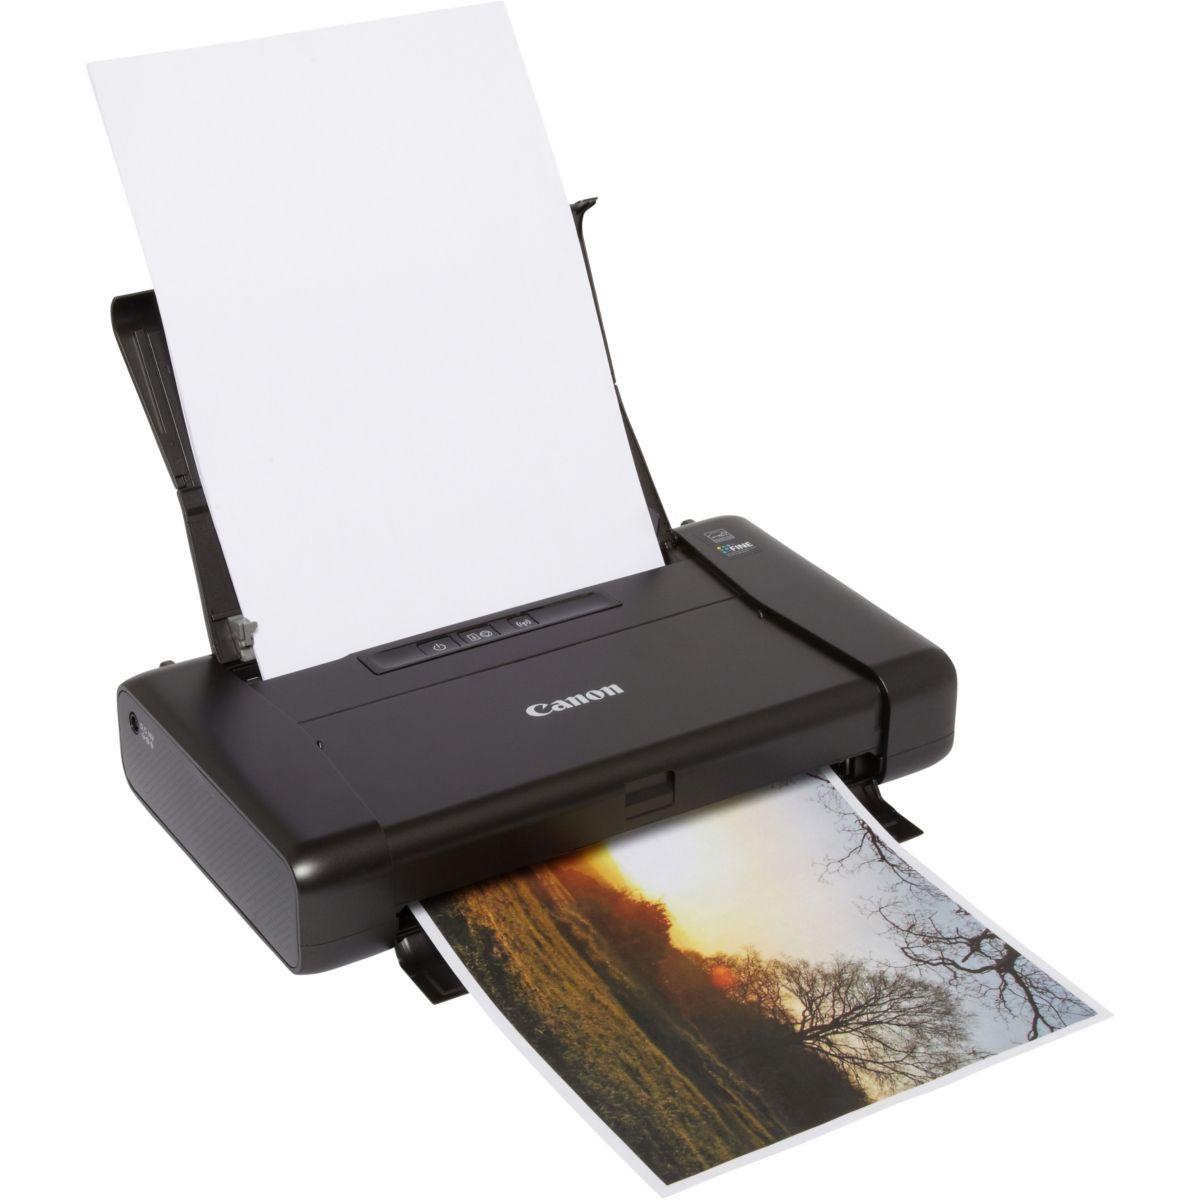 Imprimante monofonction jet d'encre CANON Pixma iP110 avec batterie (photo)